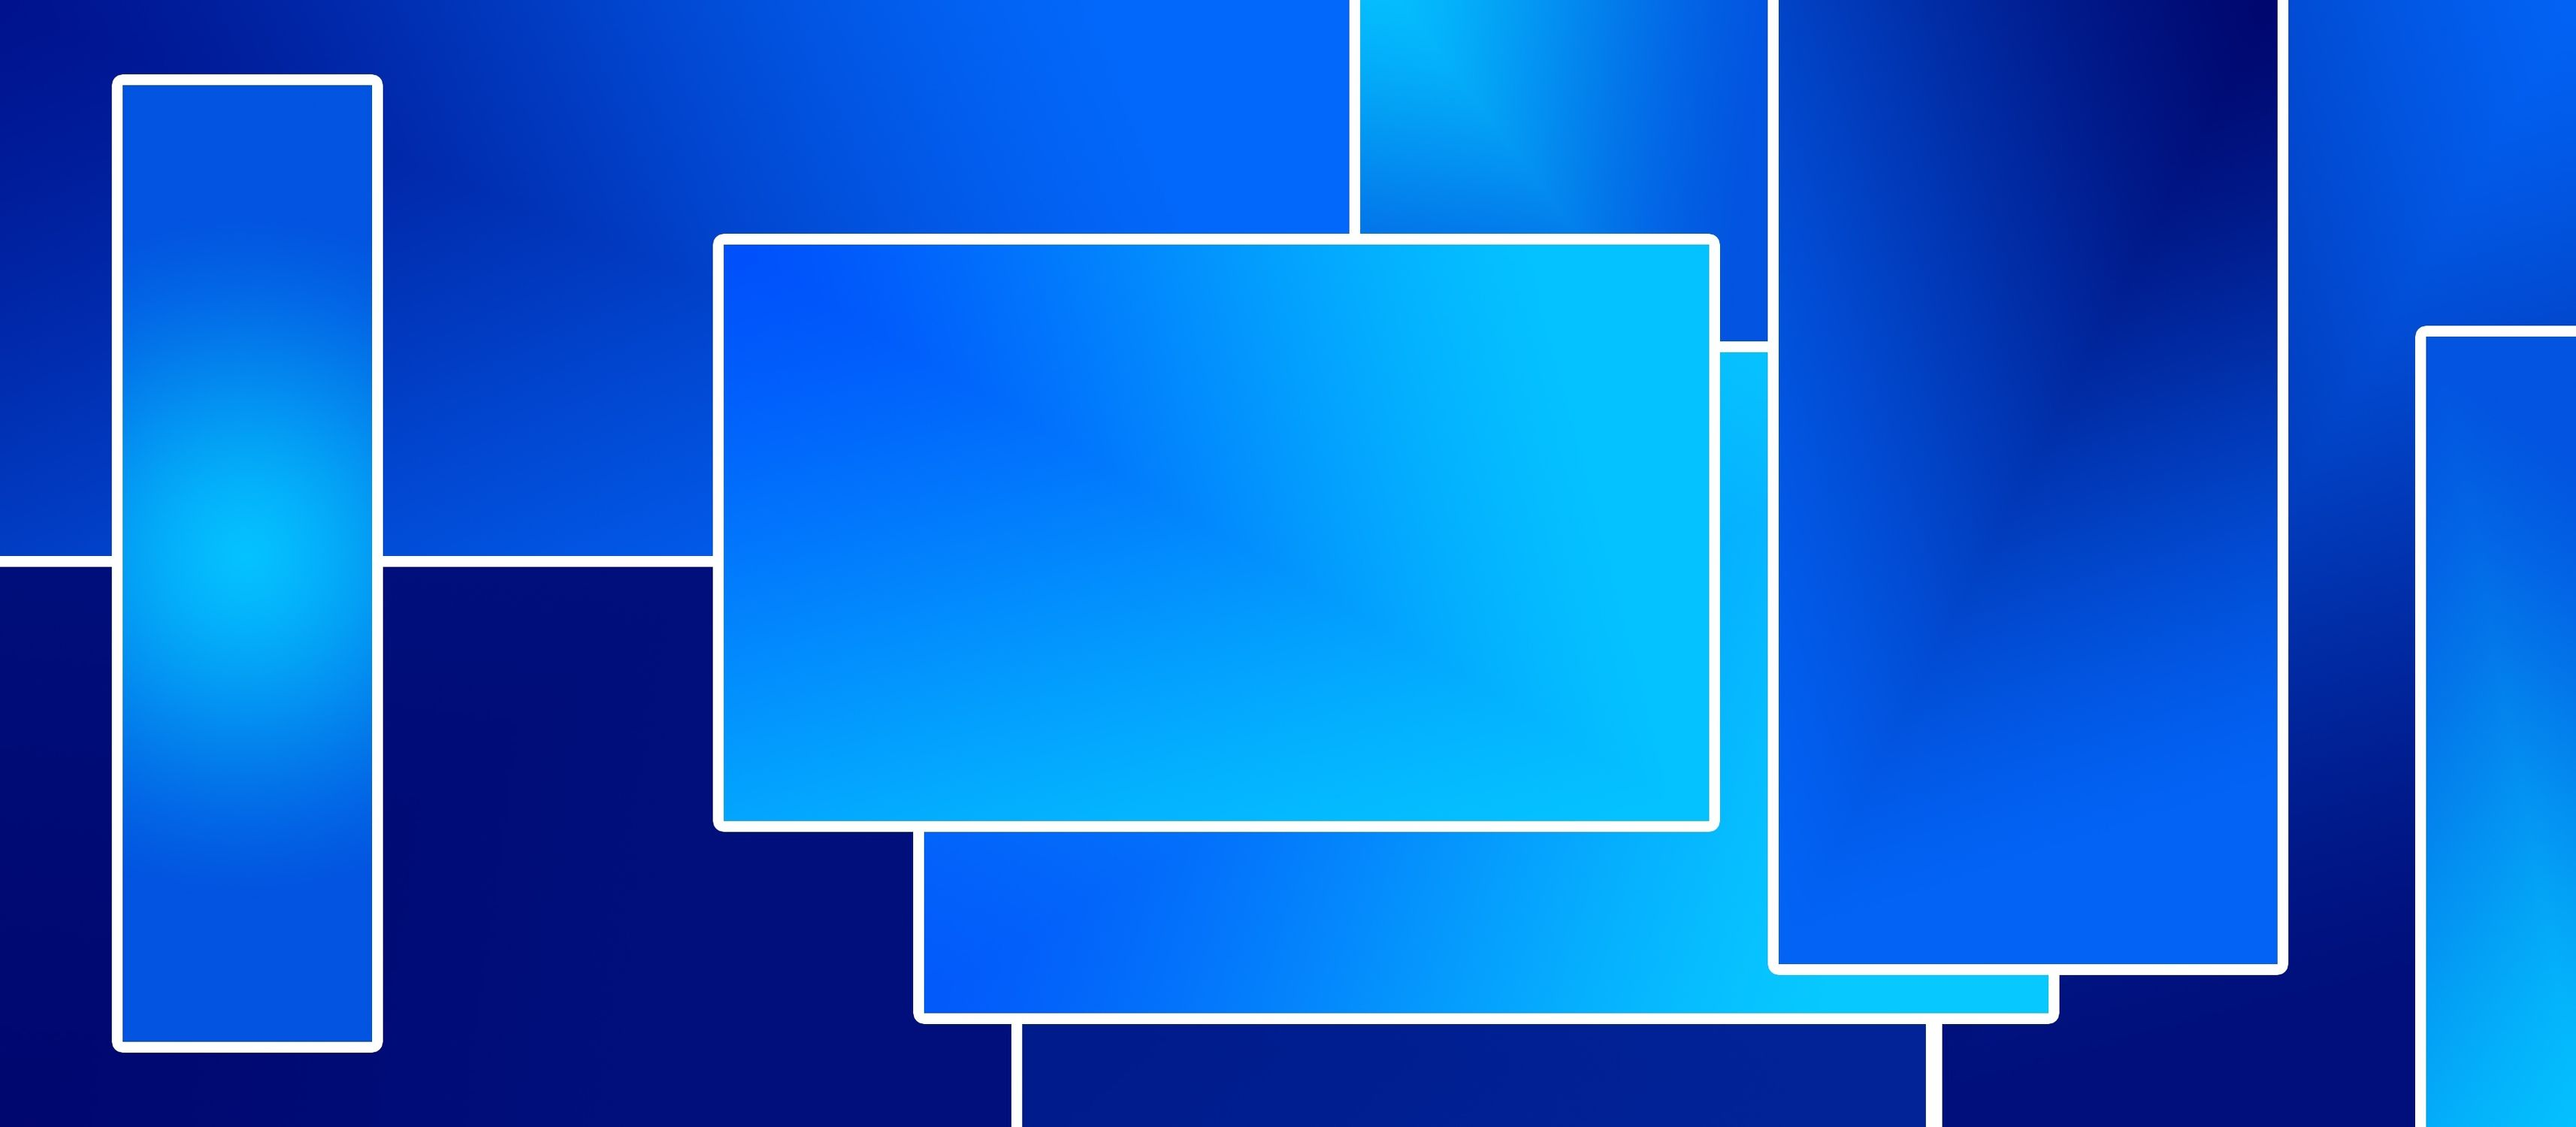 Bild mit Farben, Blau, Kobaltblau, Azurblau, Abstrakt, Abstrakte Kunst, Retro, 70er